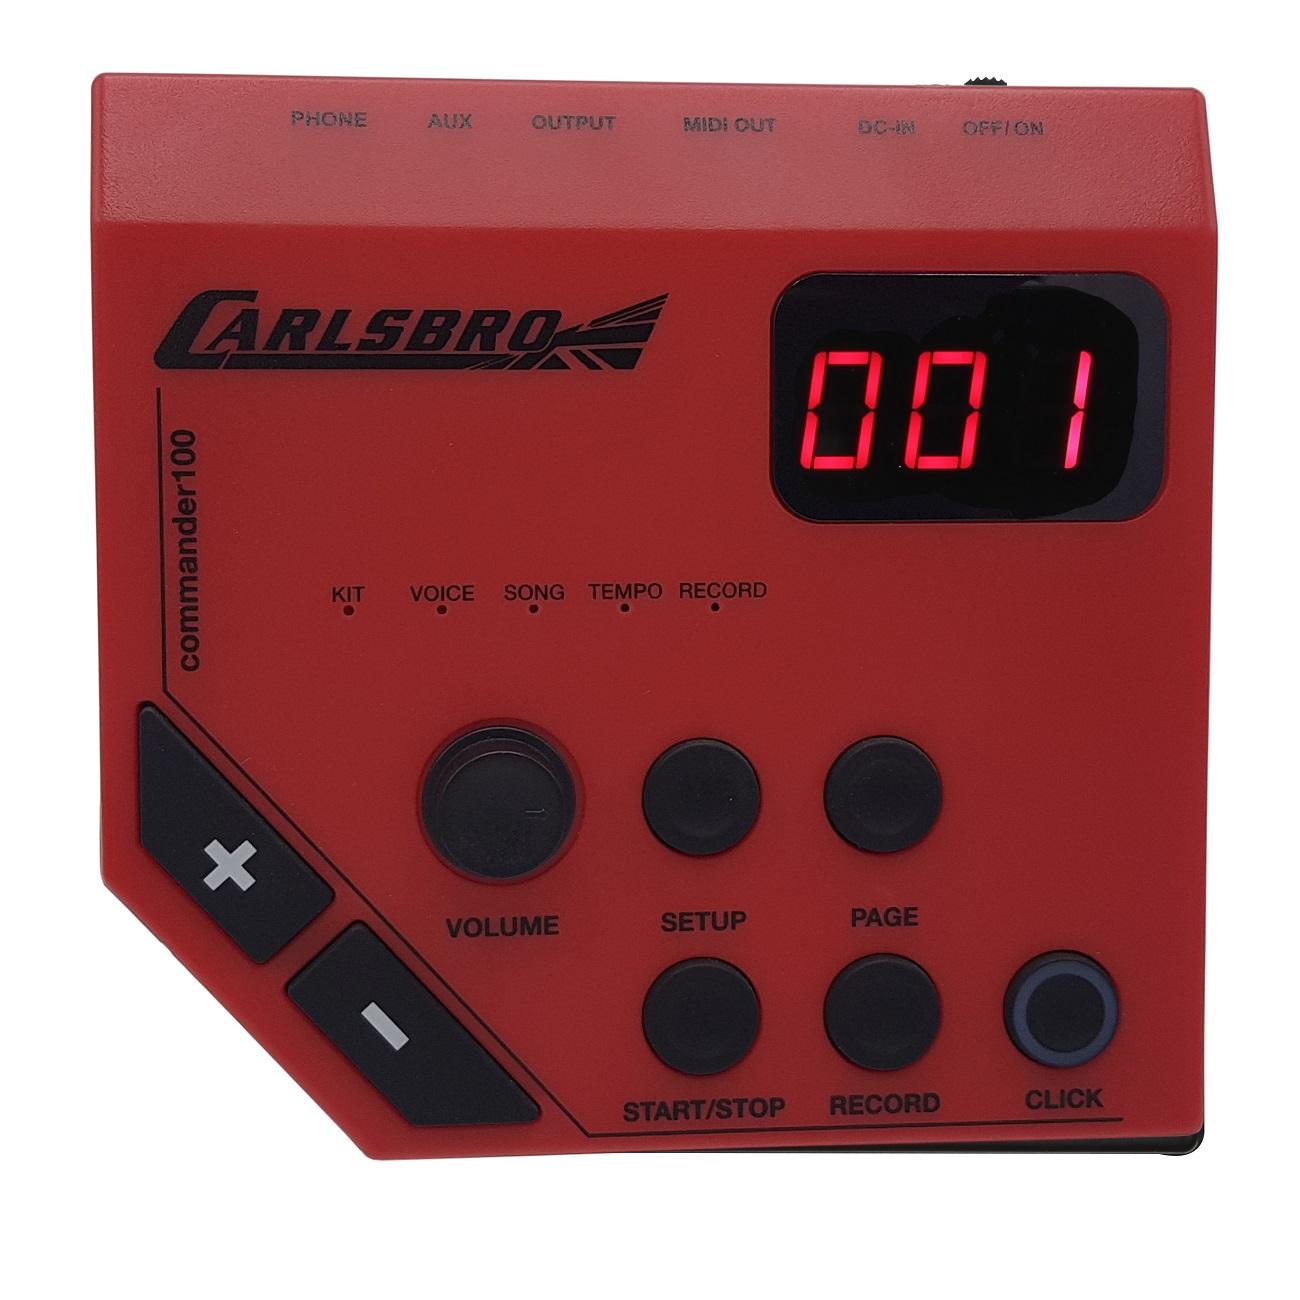 Bateria Eletronica Odery Carlsbro Csd100 Black